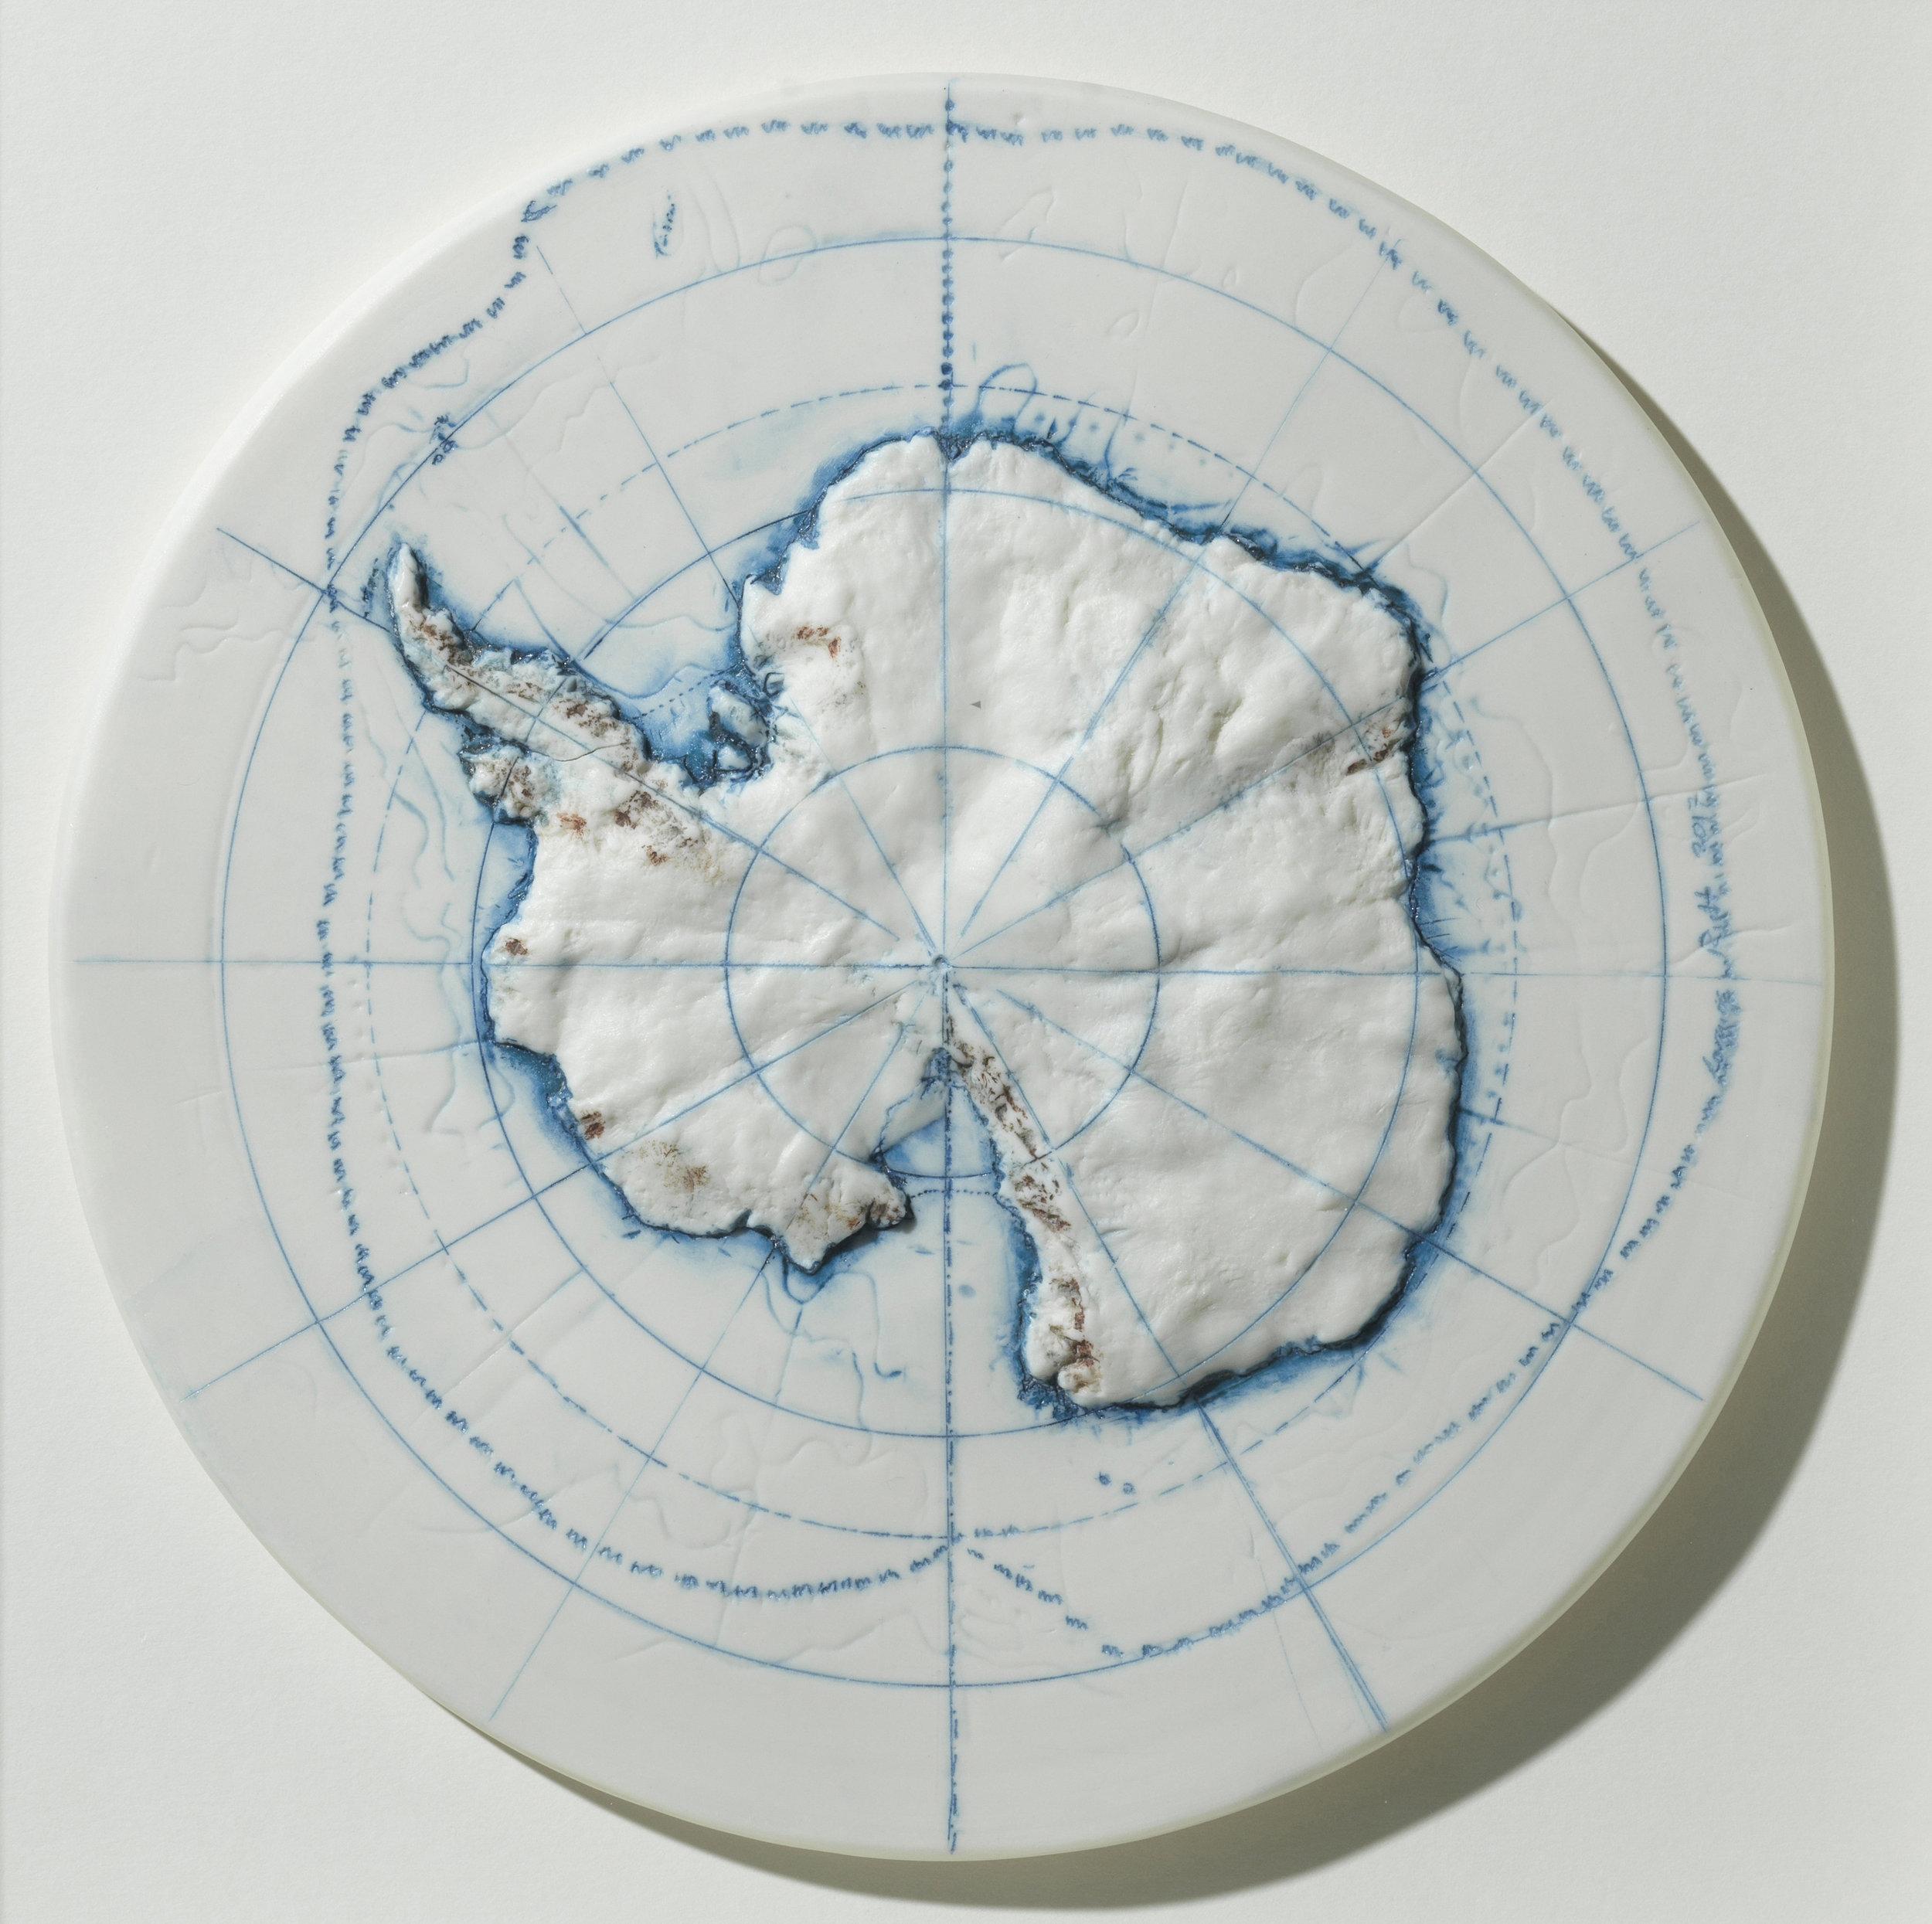 L Rutt Poles Apart Antarctic CROP Gareth Sambidge.jpg